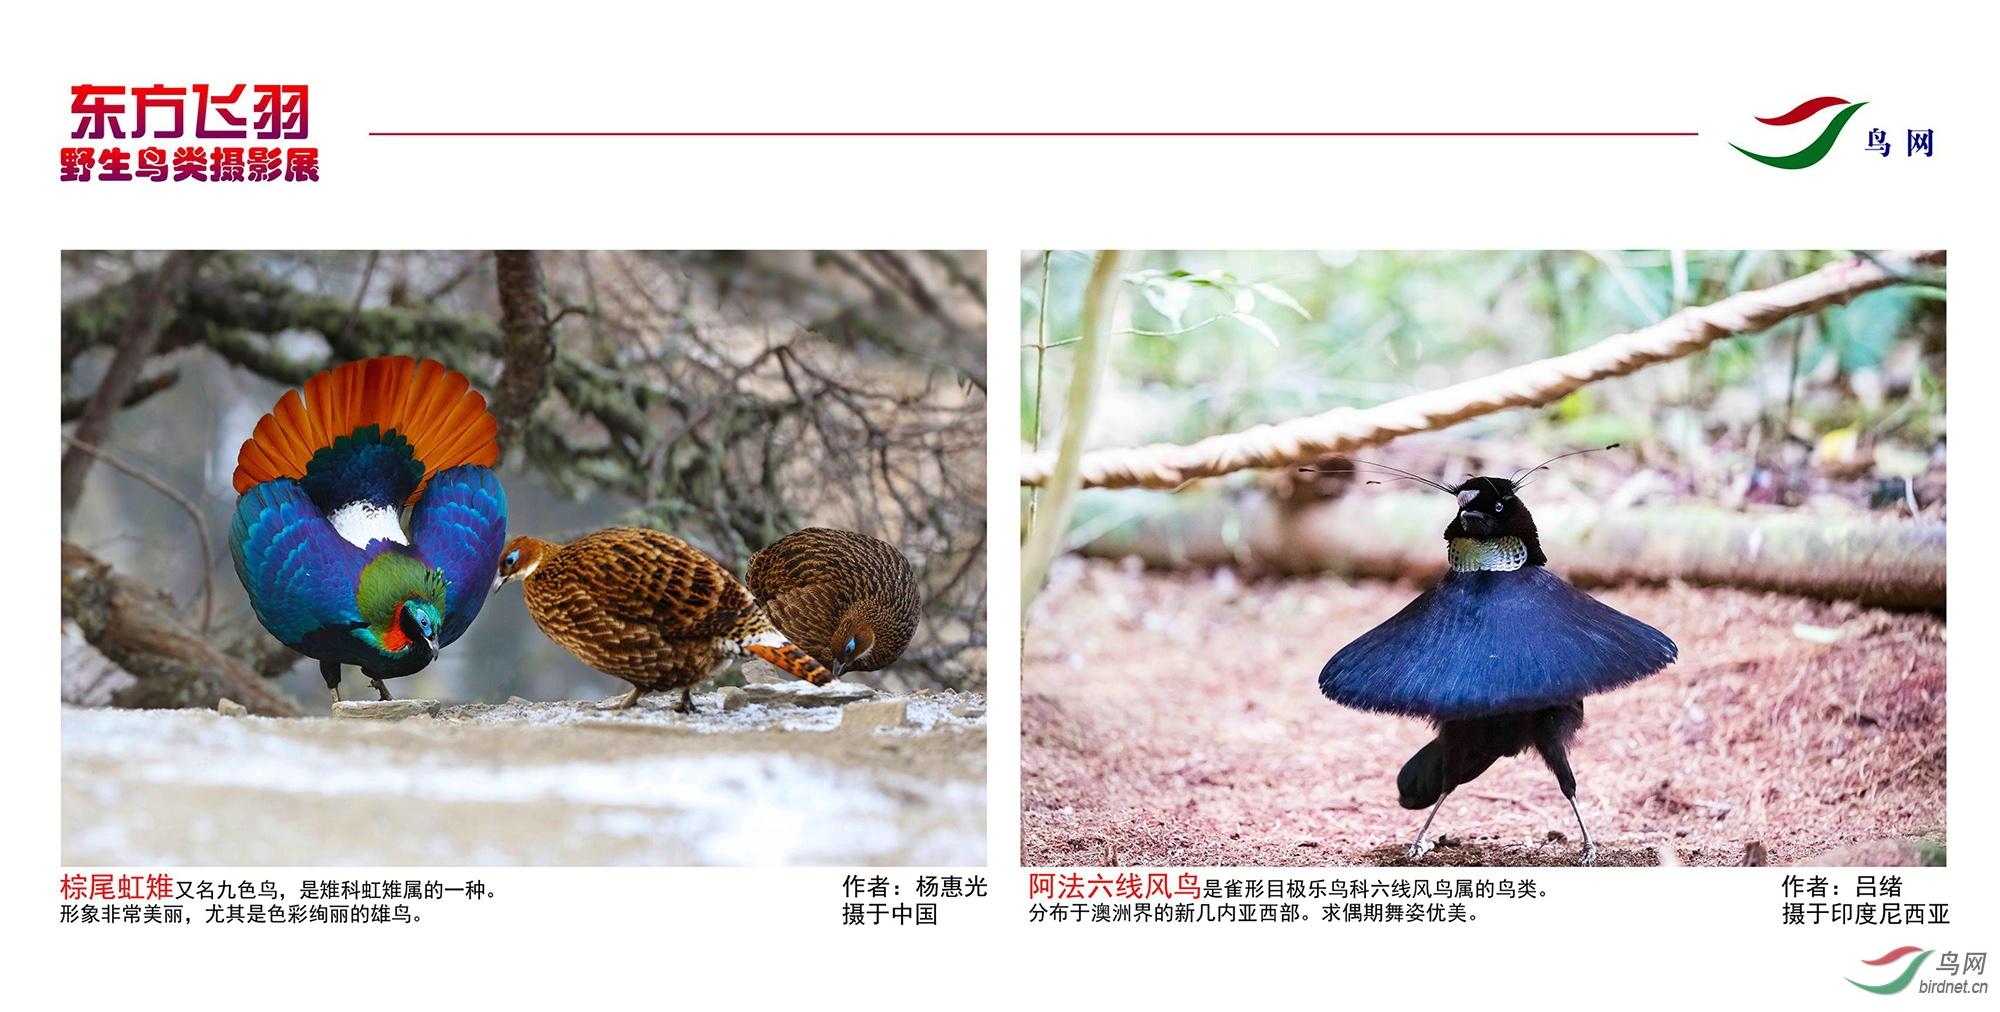 1_东方明珠摄影展照片_14.jpg